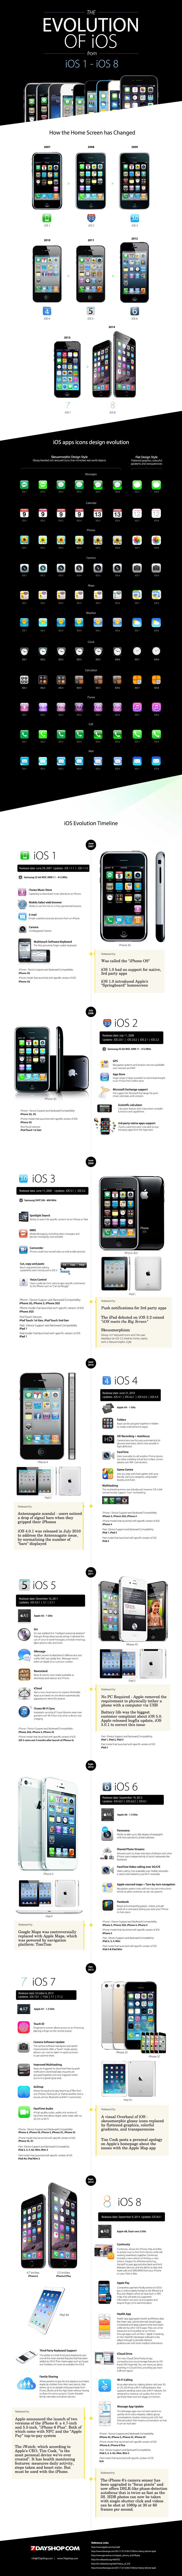 evolution-ios1-ios8 L'image du jour : d'iOS 1 à iOS 8 en une seule infographie